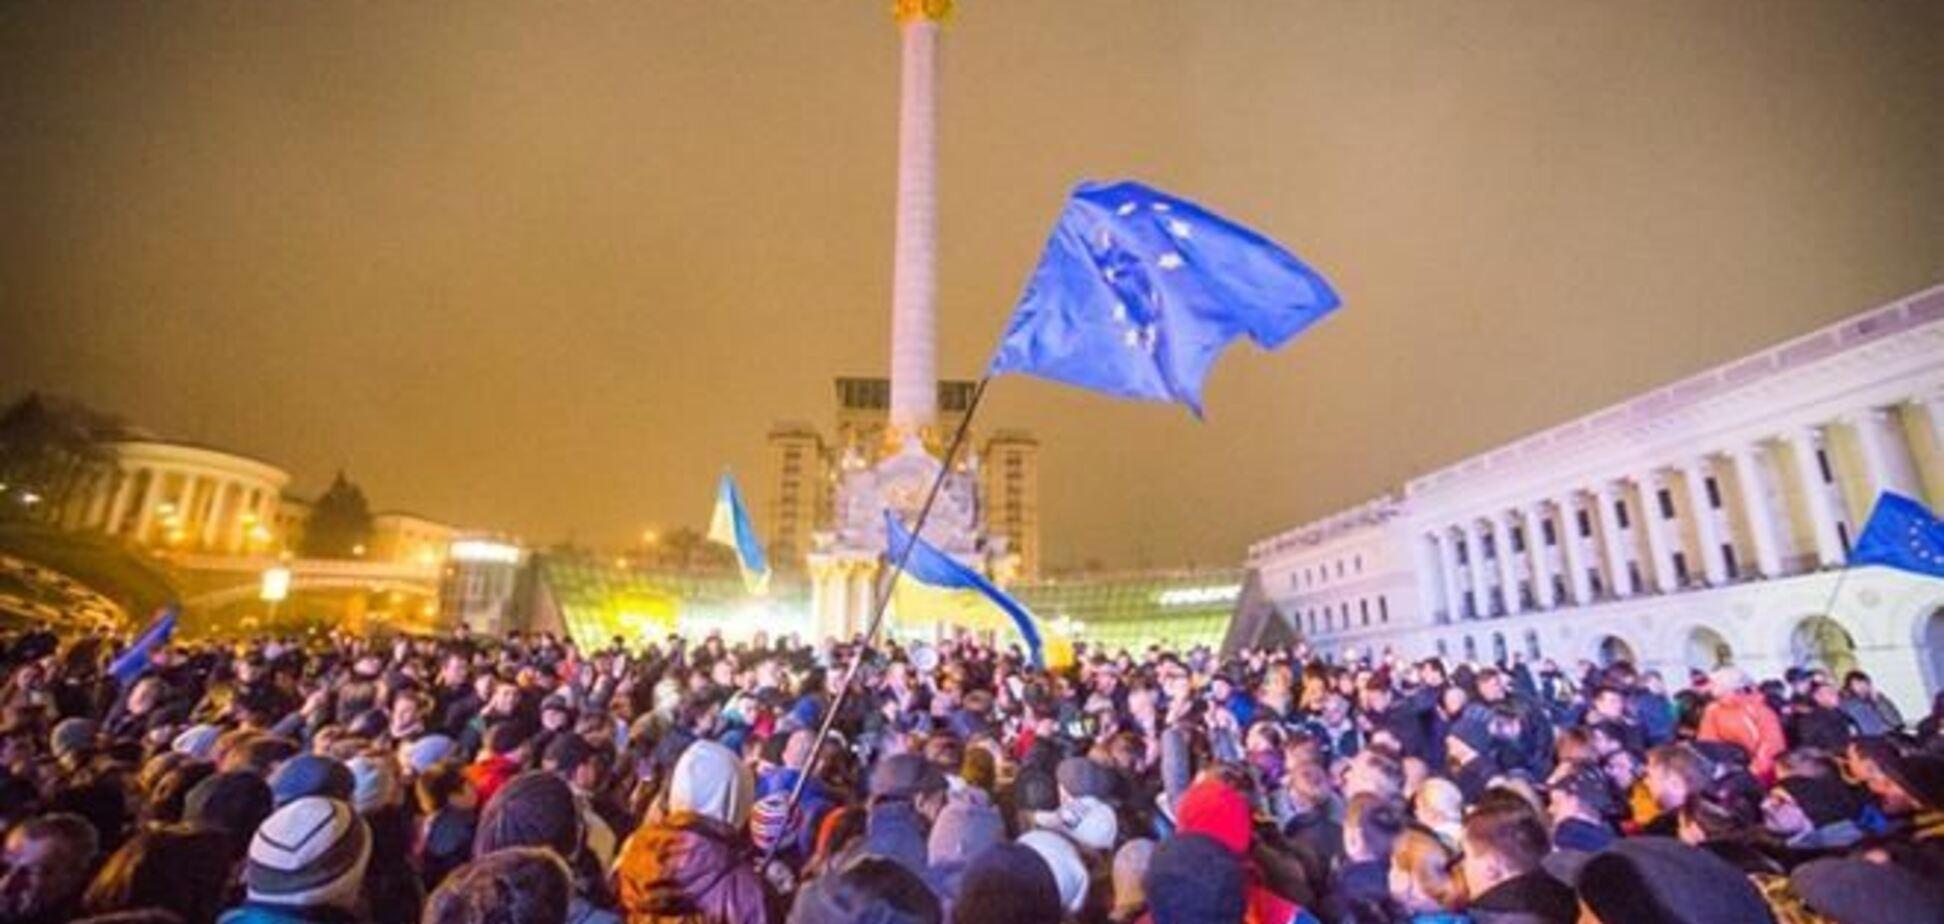 В інтернеті опубліковано відео з хронологією подій на Майдані